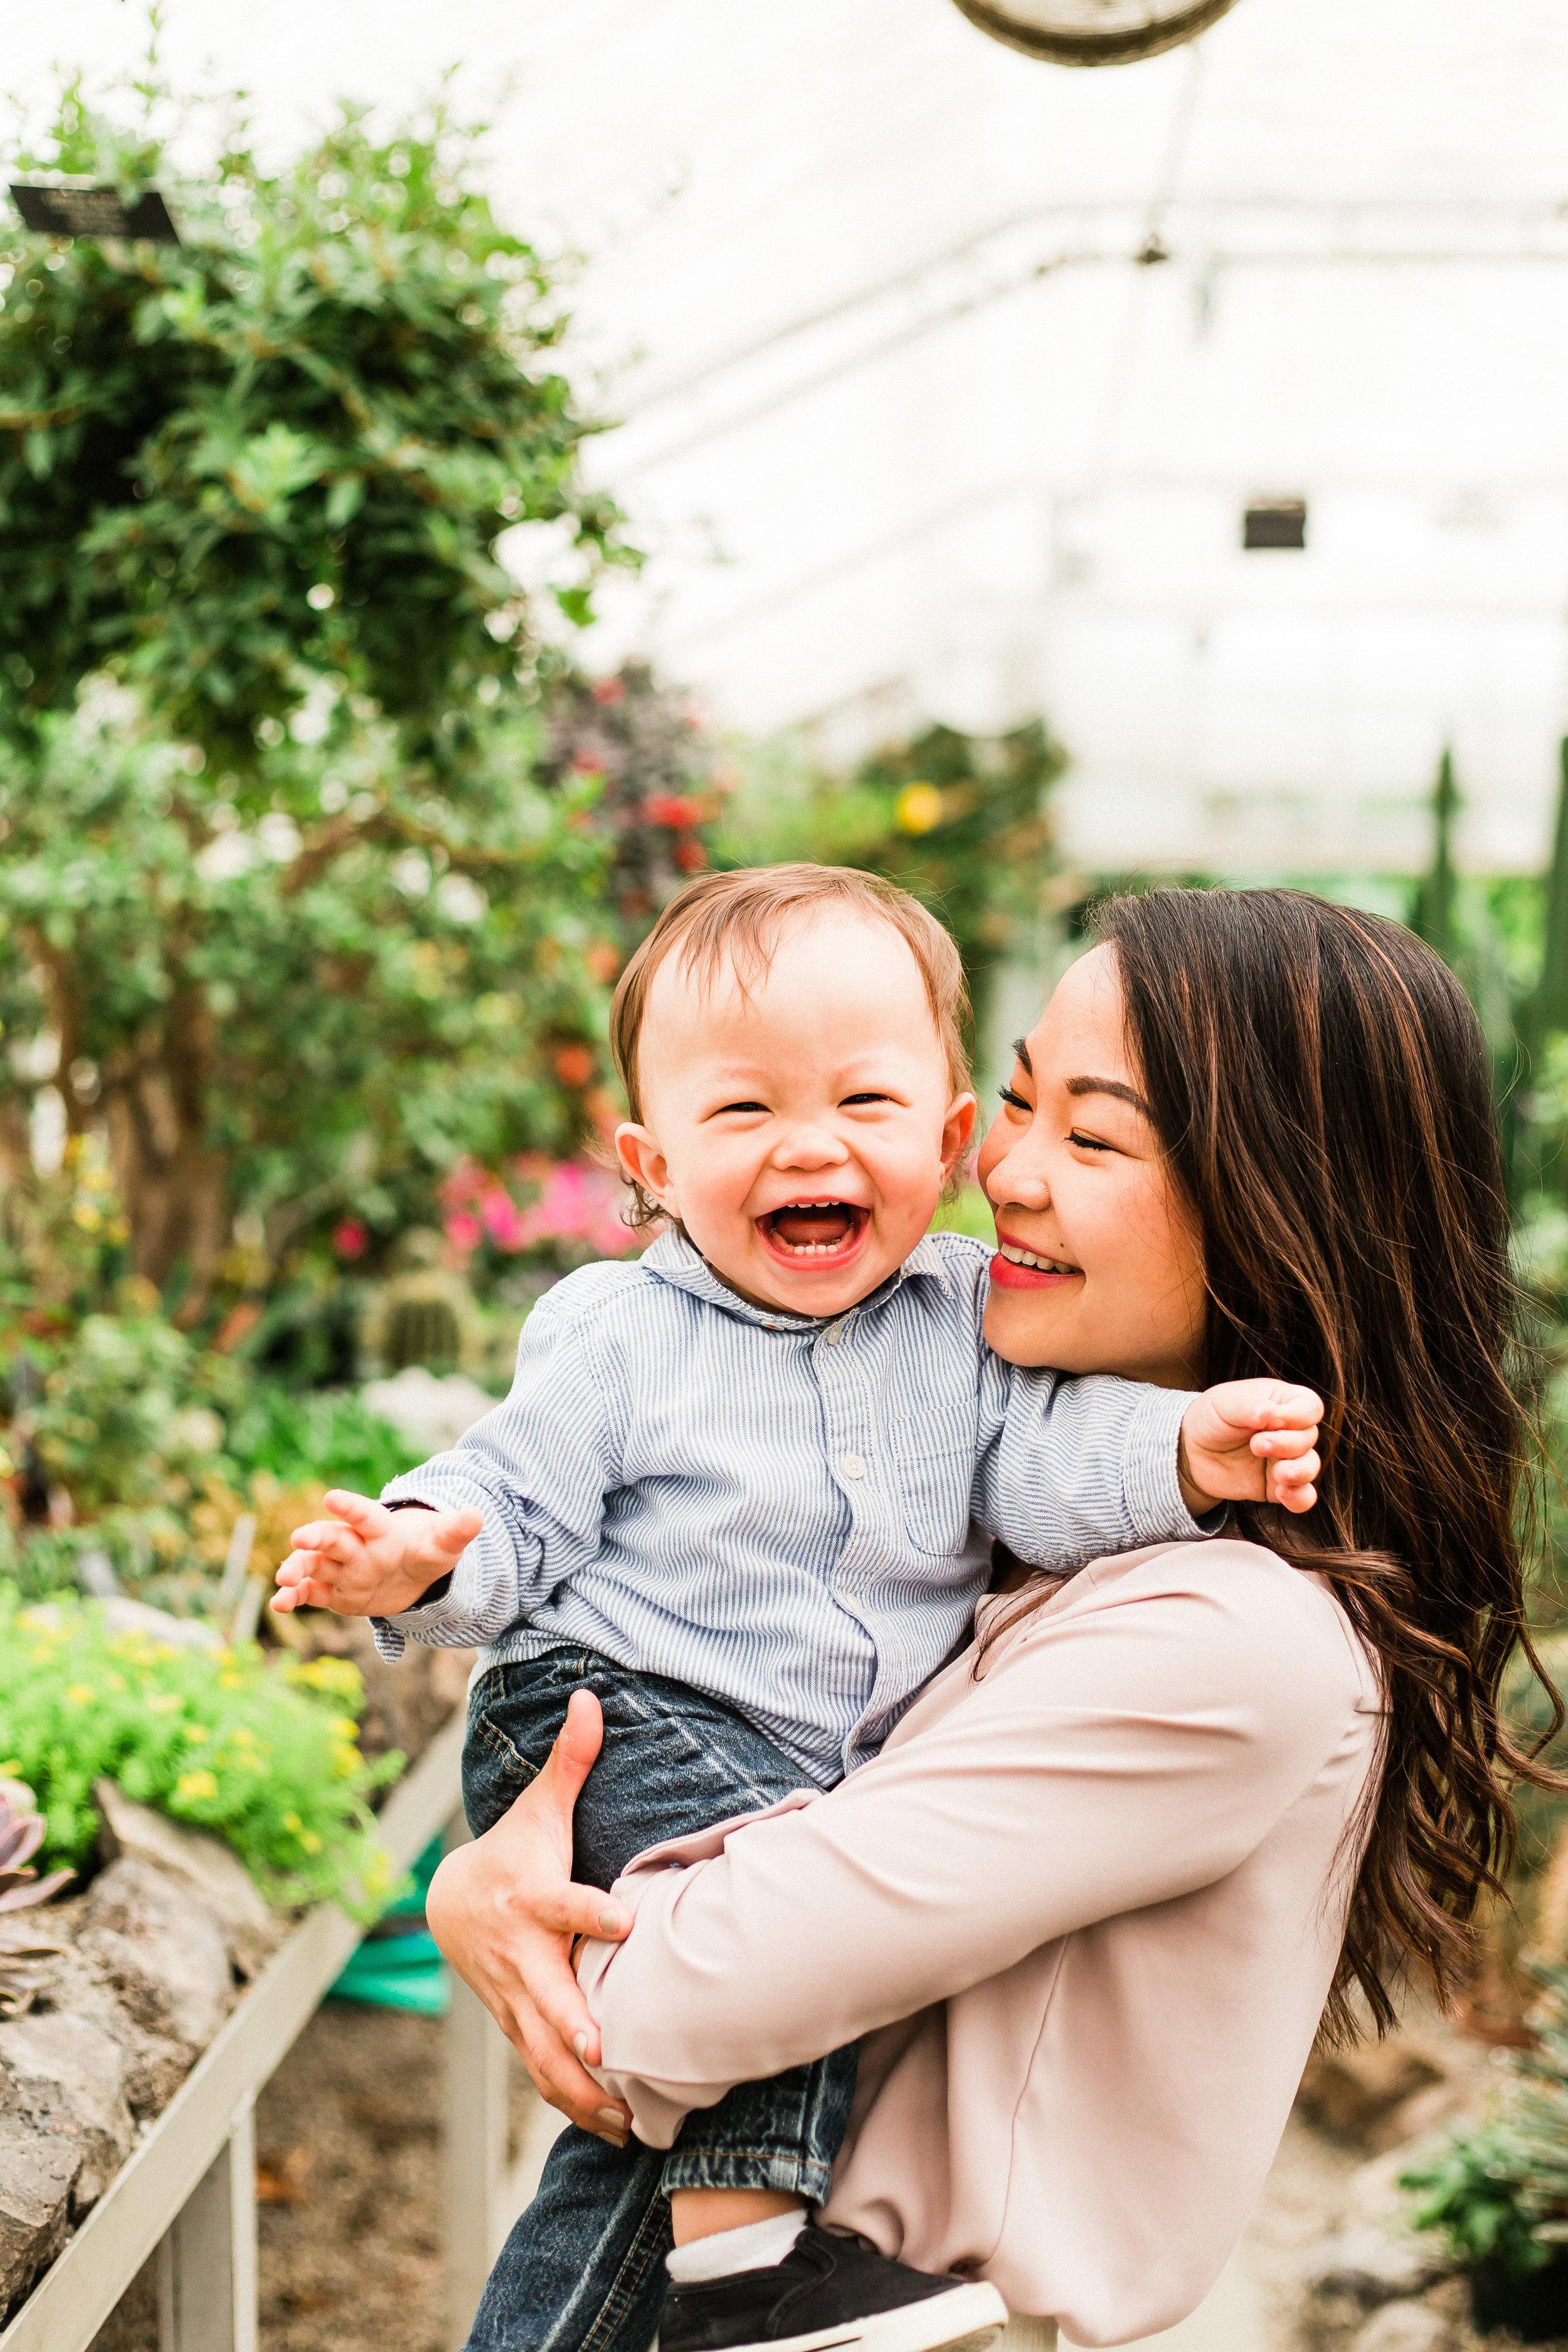 spokane greenhouse photoshoot